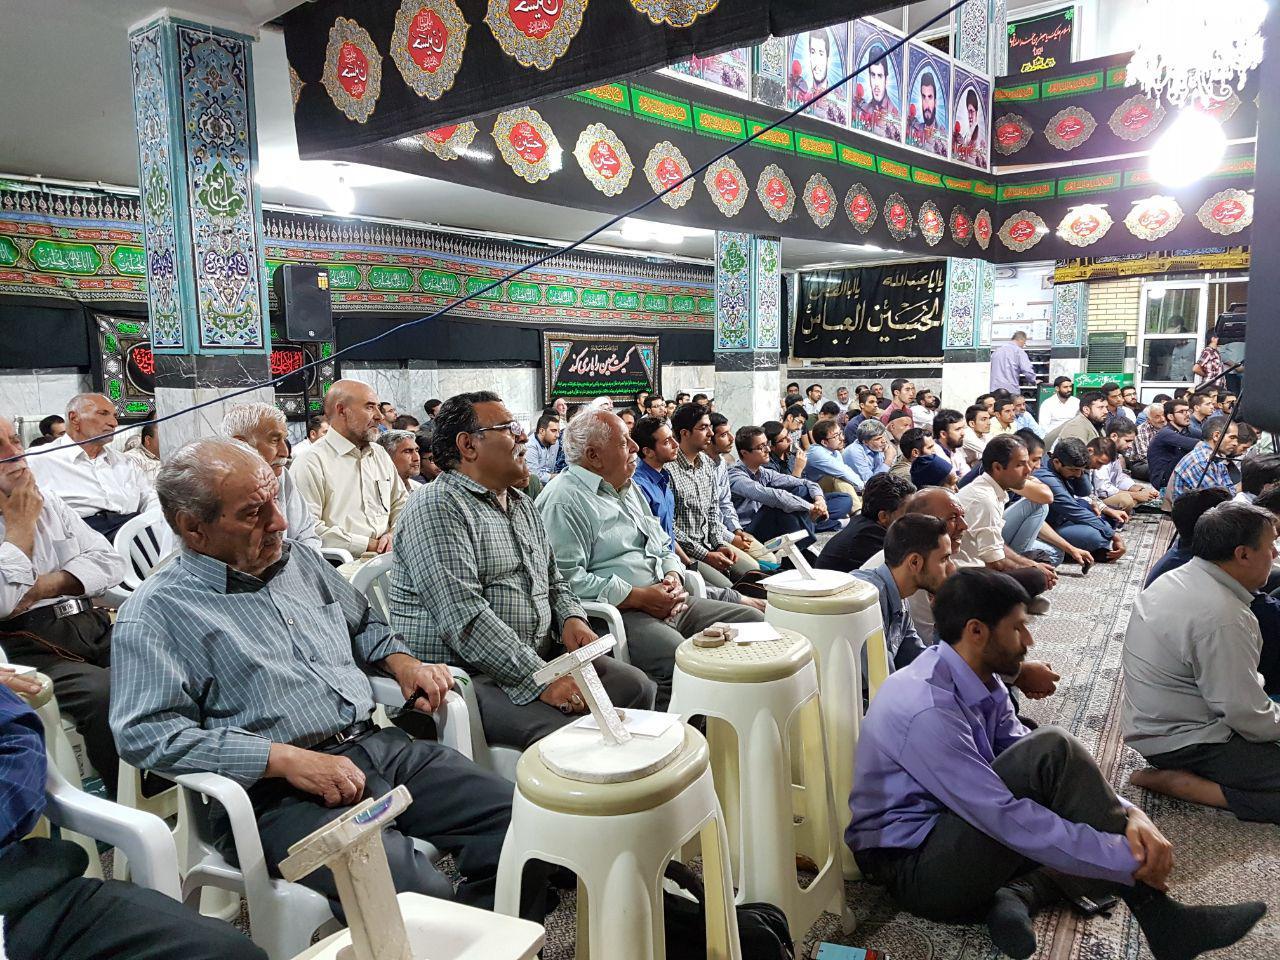 سخنرانی استاد حسن عباسی در مسجد امام حسین(ع) رباط کریم - سبک زندگی و رؤیای ایرانی – اسلامی